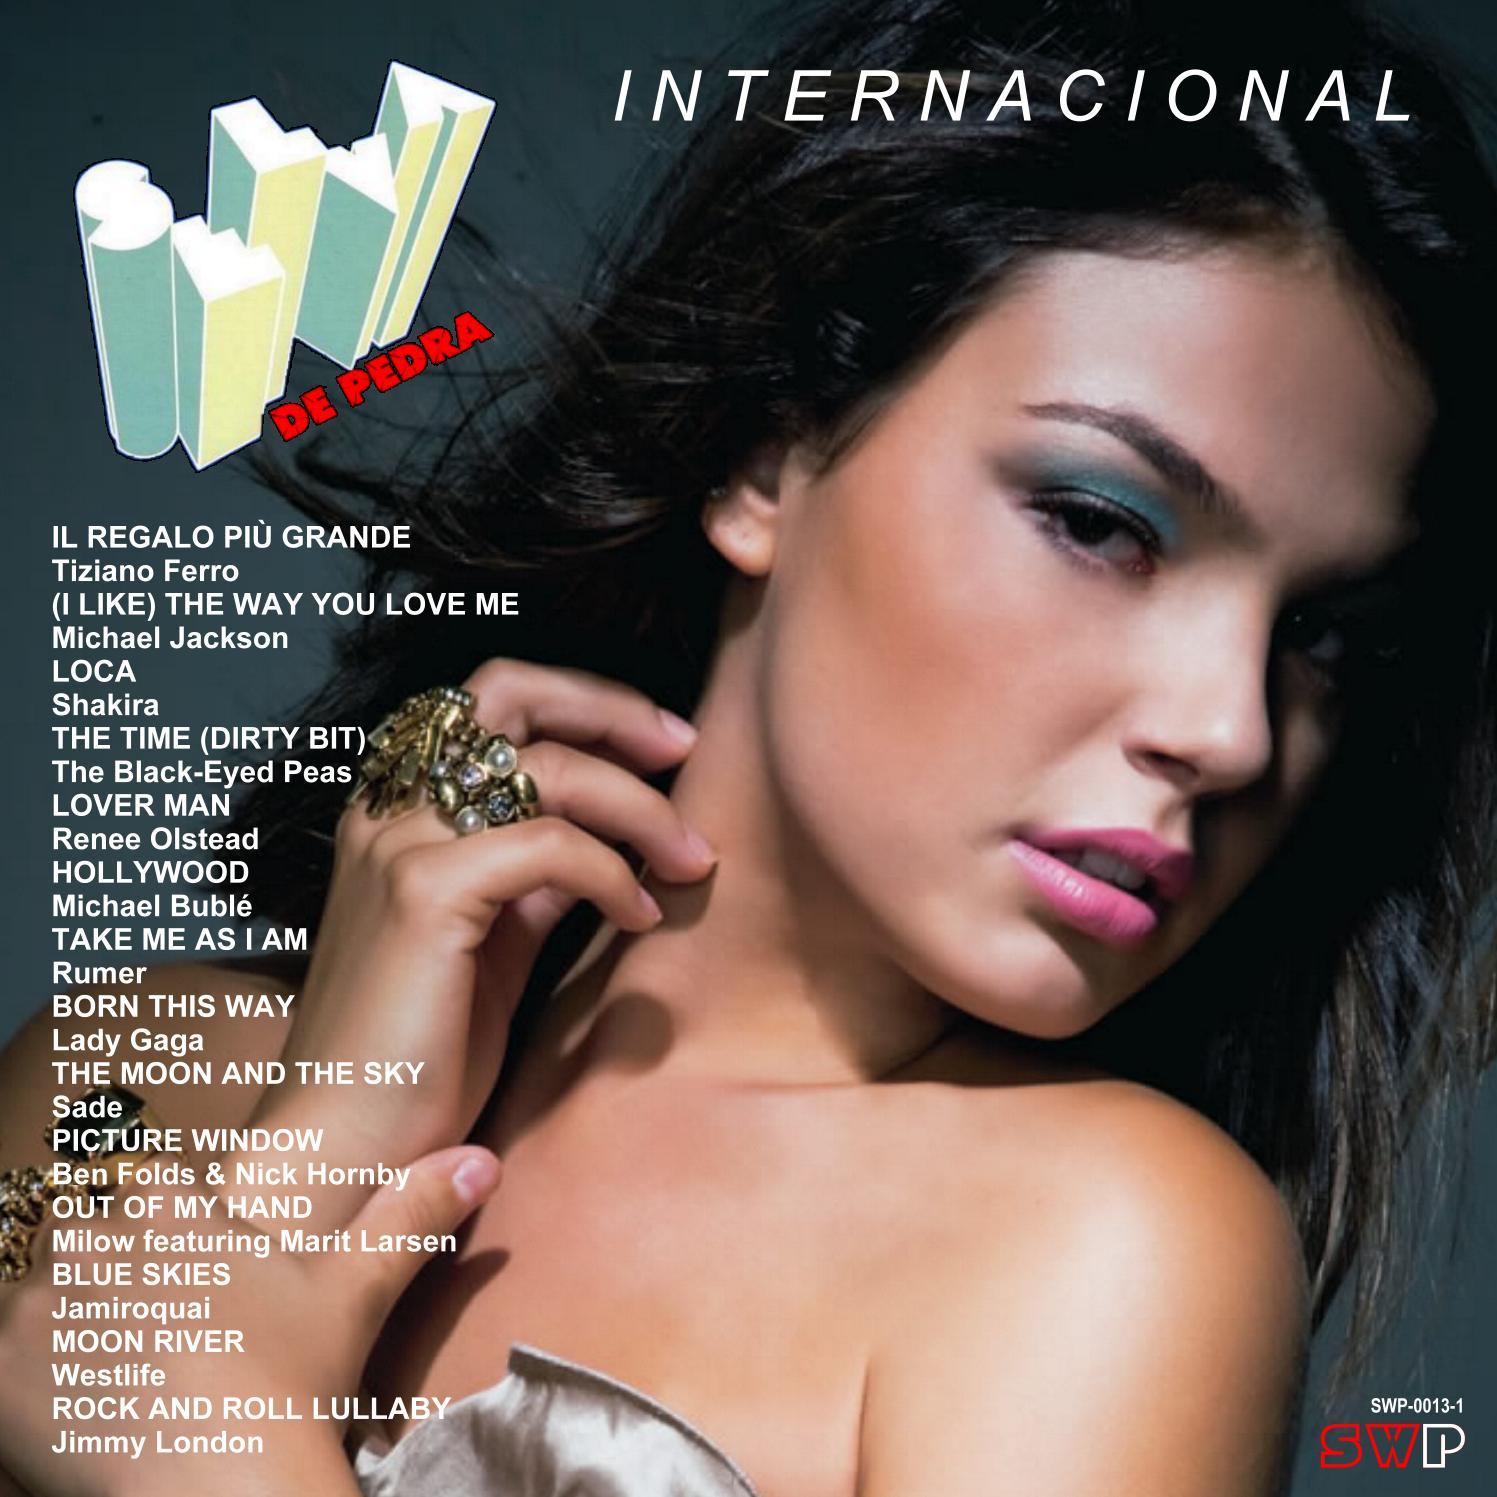 http://1.bp.blogspot.com/-vSnxCttYtPw/T3CQ4SI6PvI/AAAAAAAAAOM/7f912OJK1Lg/s1600/Selva+de+Pedra+2011+inter+-+capa+LP.jpg